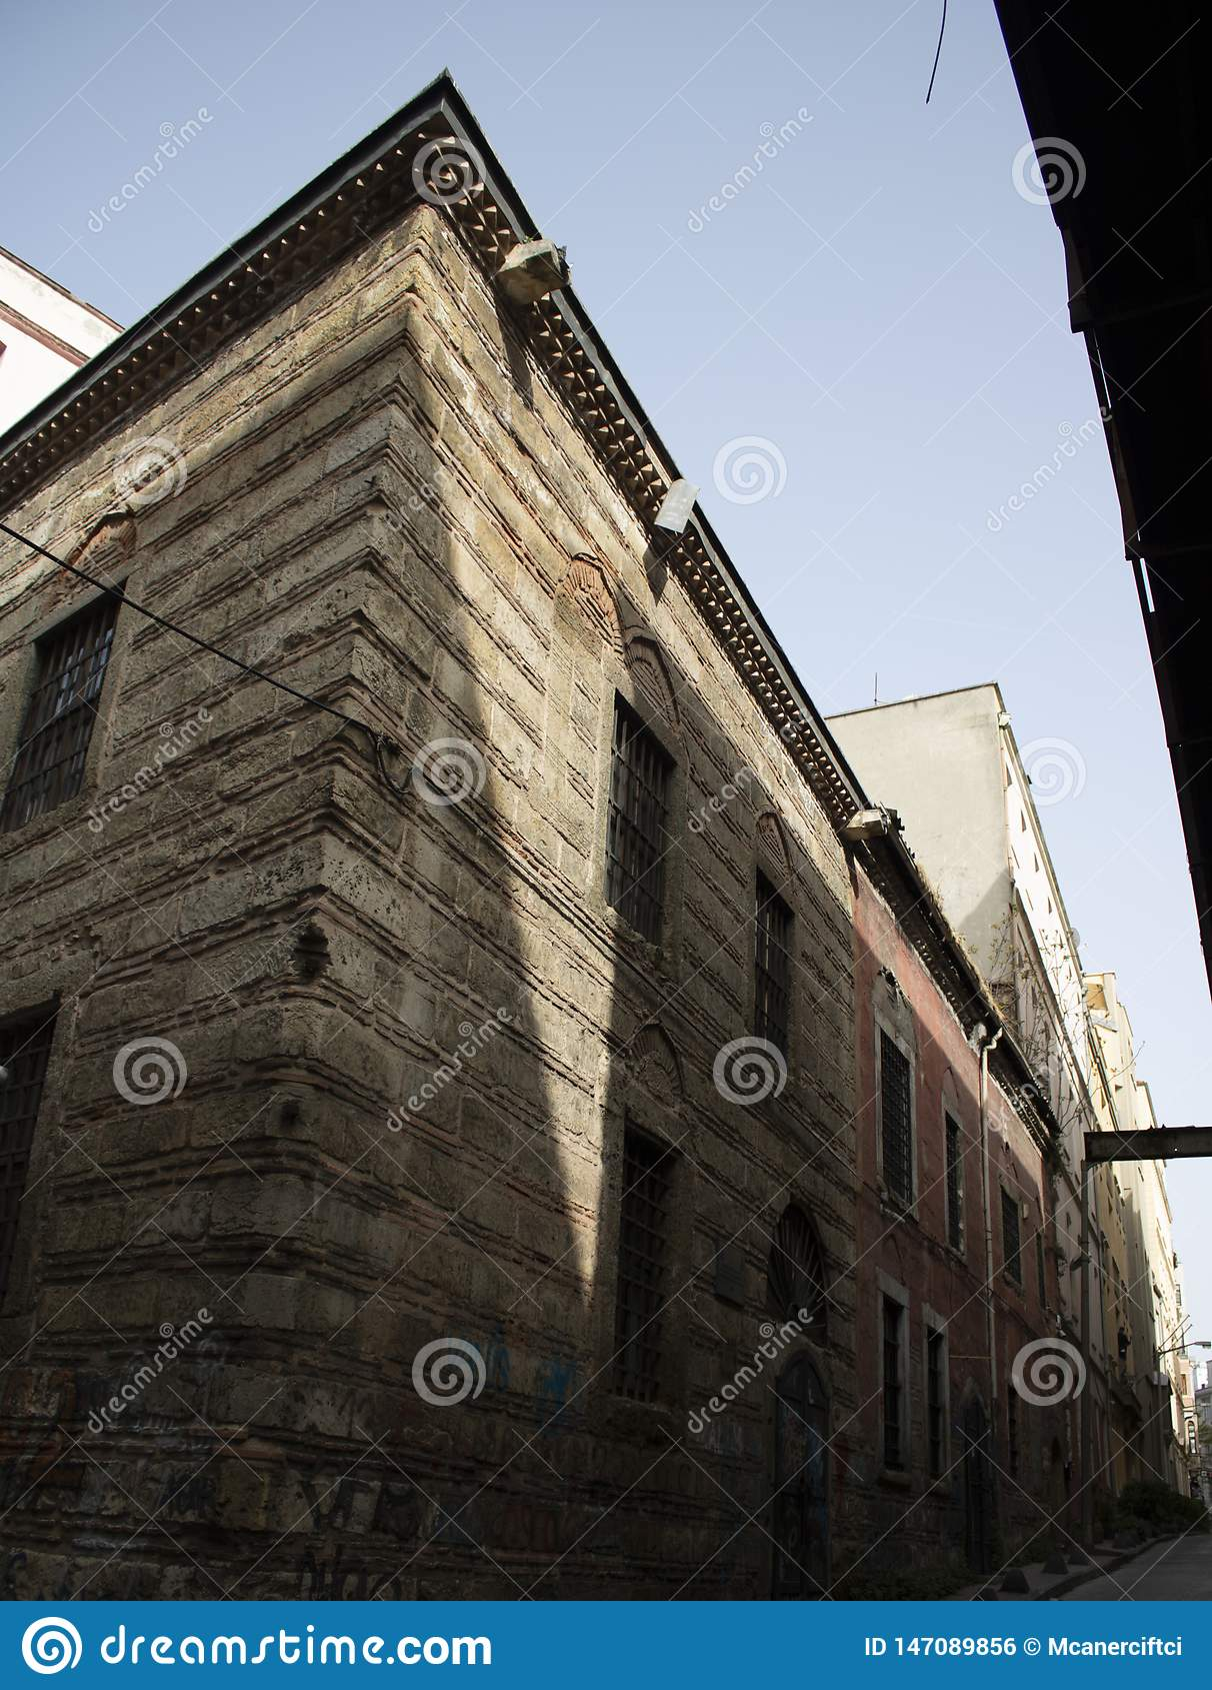 Lanzamiento de edificios arquitectónicos viejos dentro de la calle